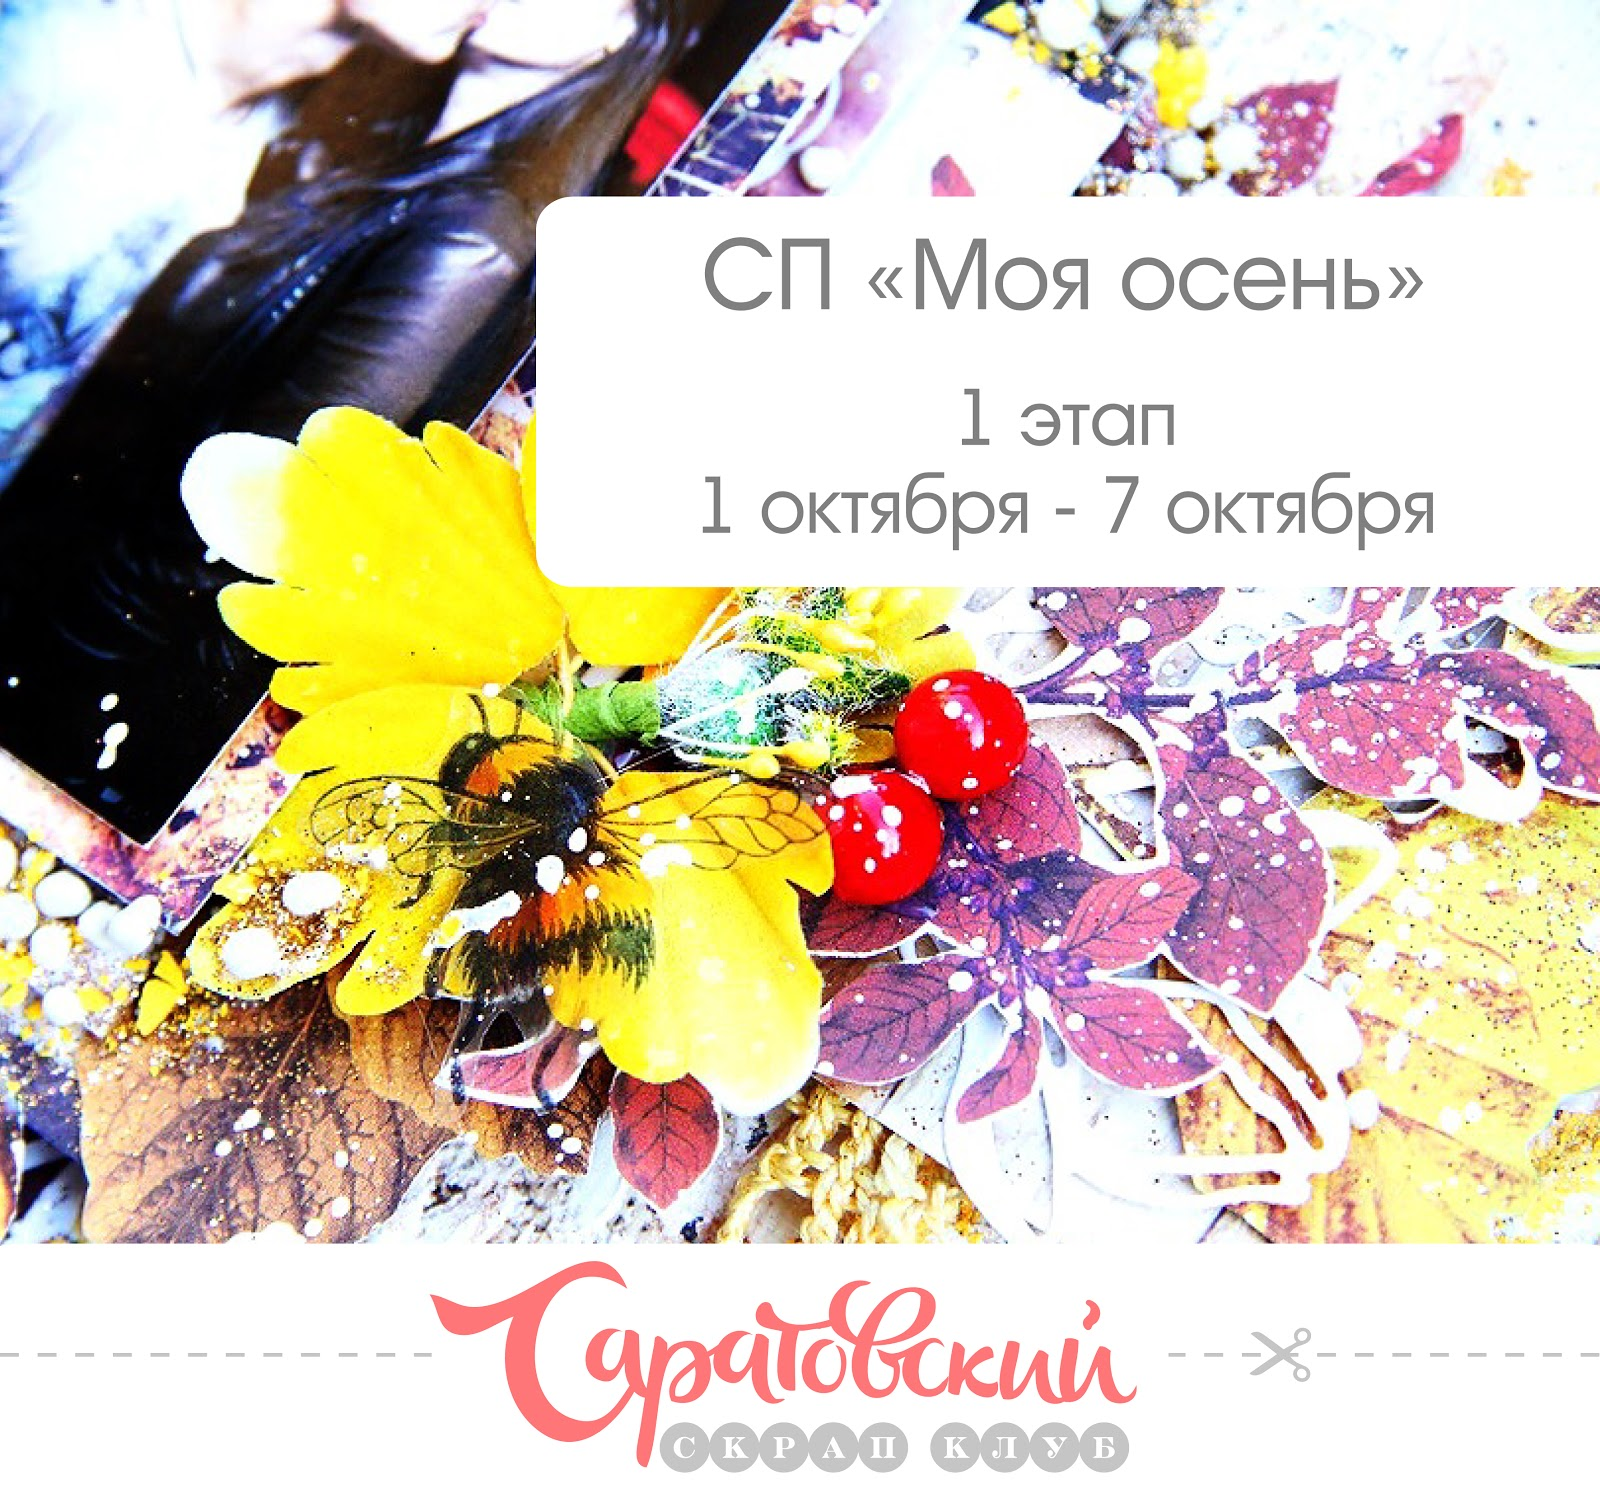 """СП """"Моя осень"""" Саратовский СК"""